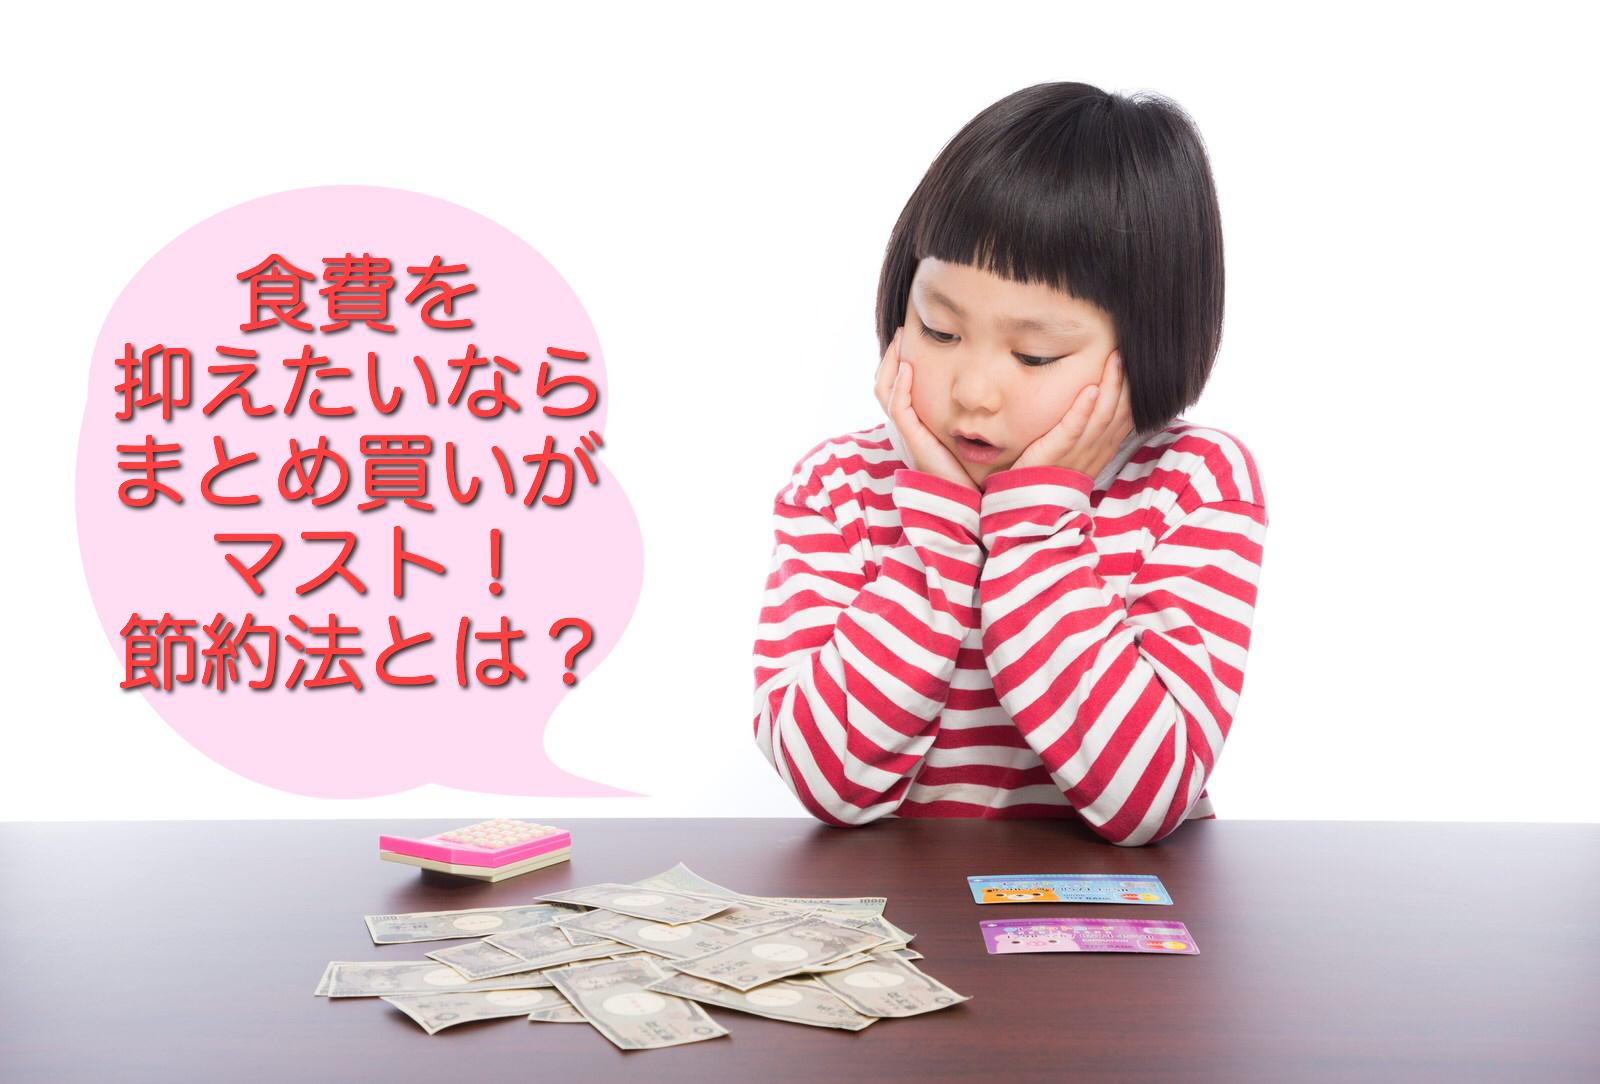 食費を抑えたい ならまとめ買いがマスト!節約法とは?